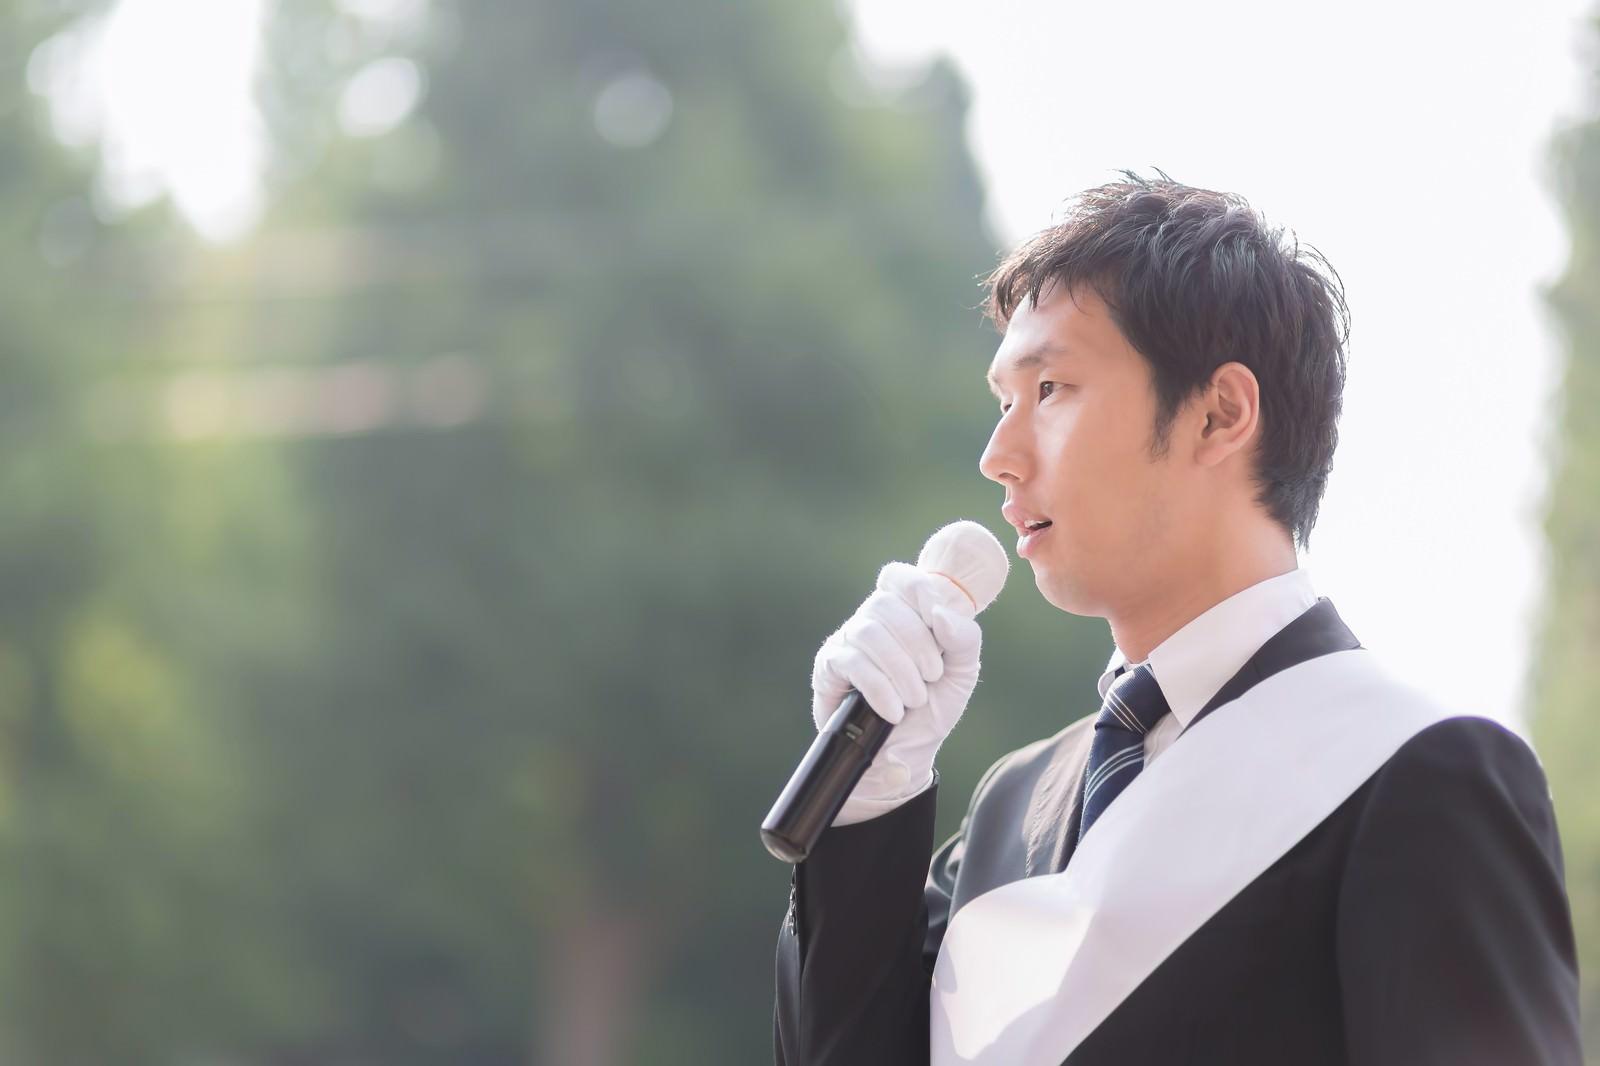 「街頭演説する世襲の立候補者街頭演説する世襲の立候補者」[モデル:大川竜弥]のフリー写真素材を拡大